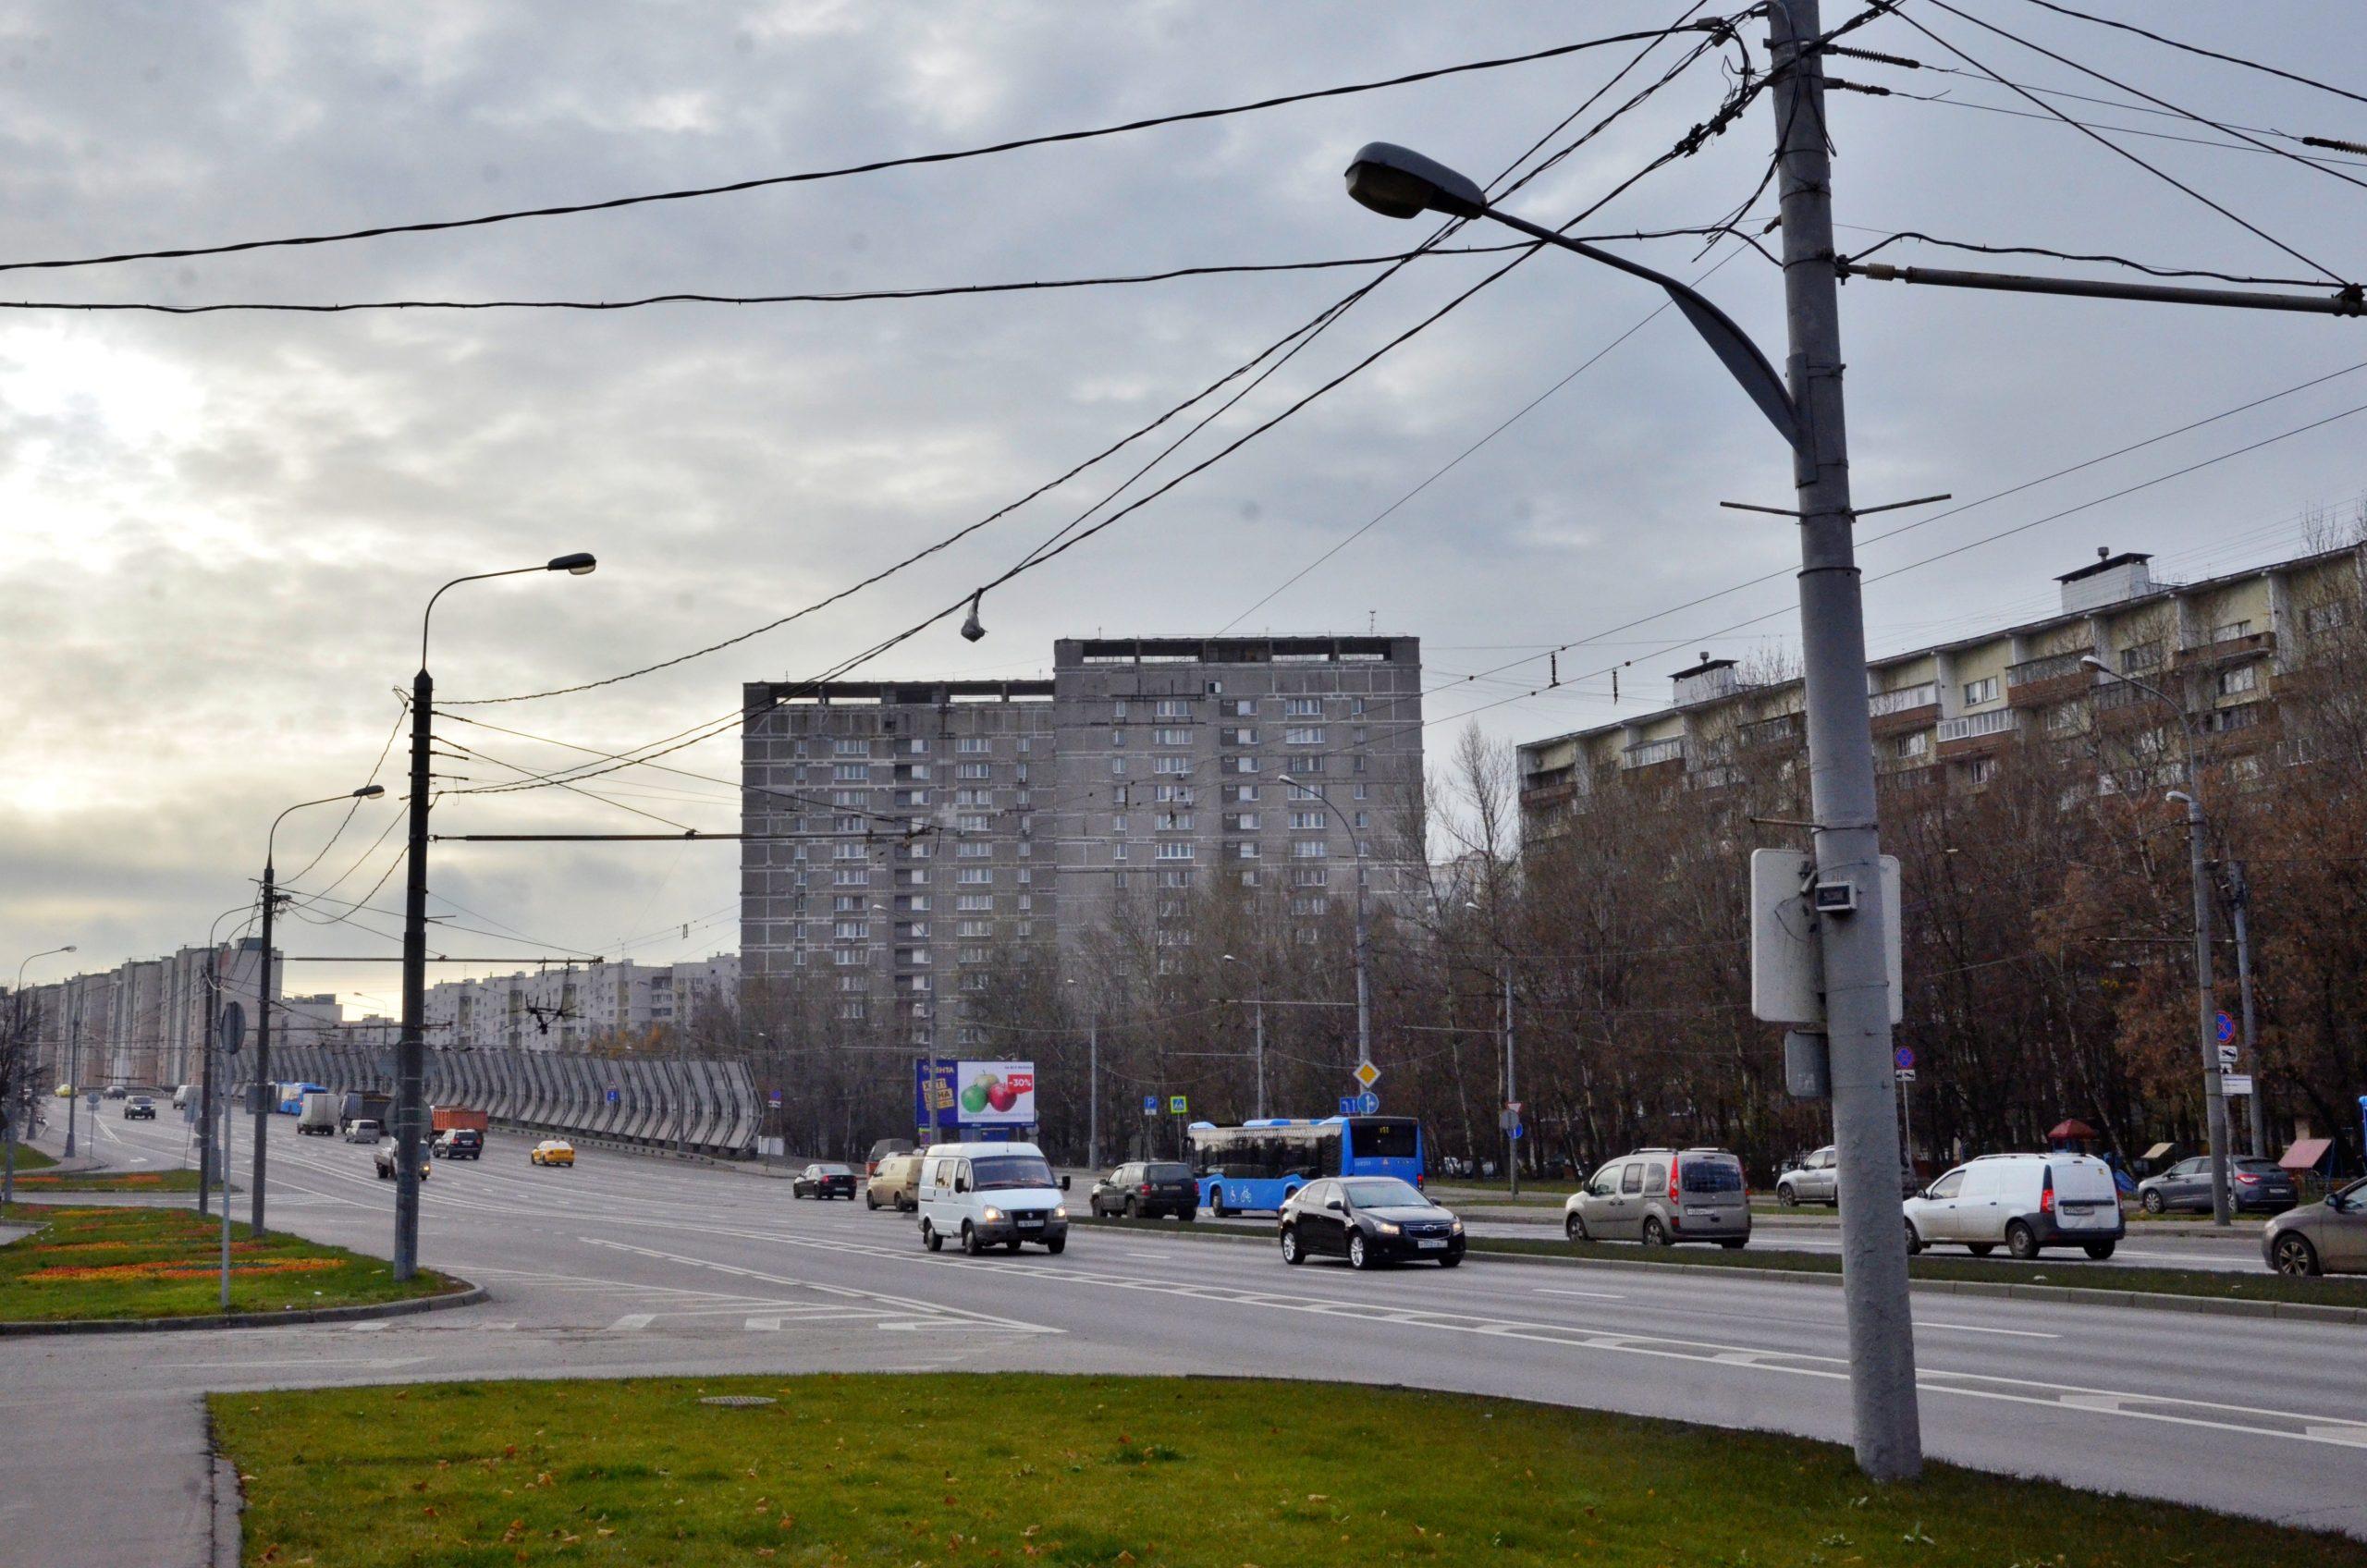 Реконструкция транспортной развязки автомобильной дороги с Липецкой улицей продолжается